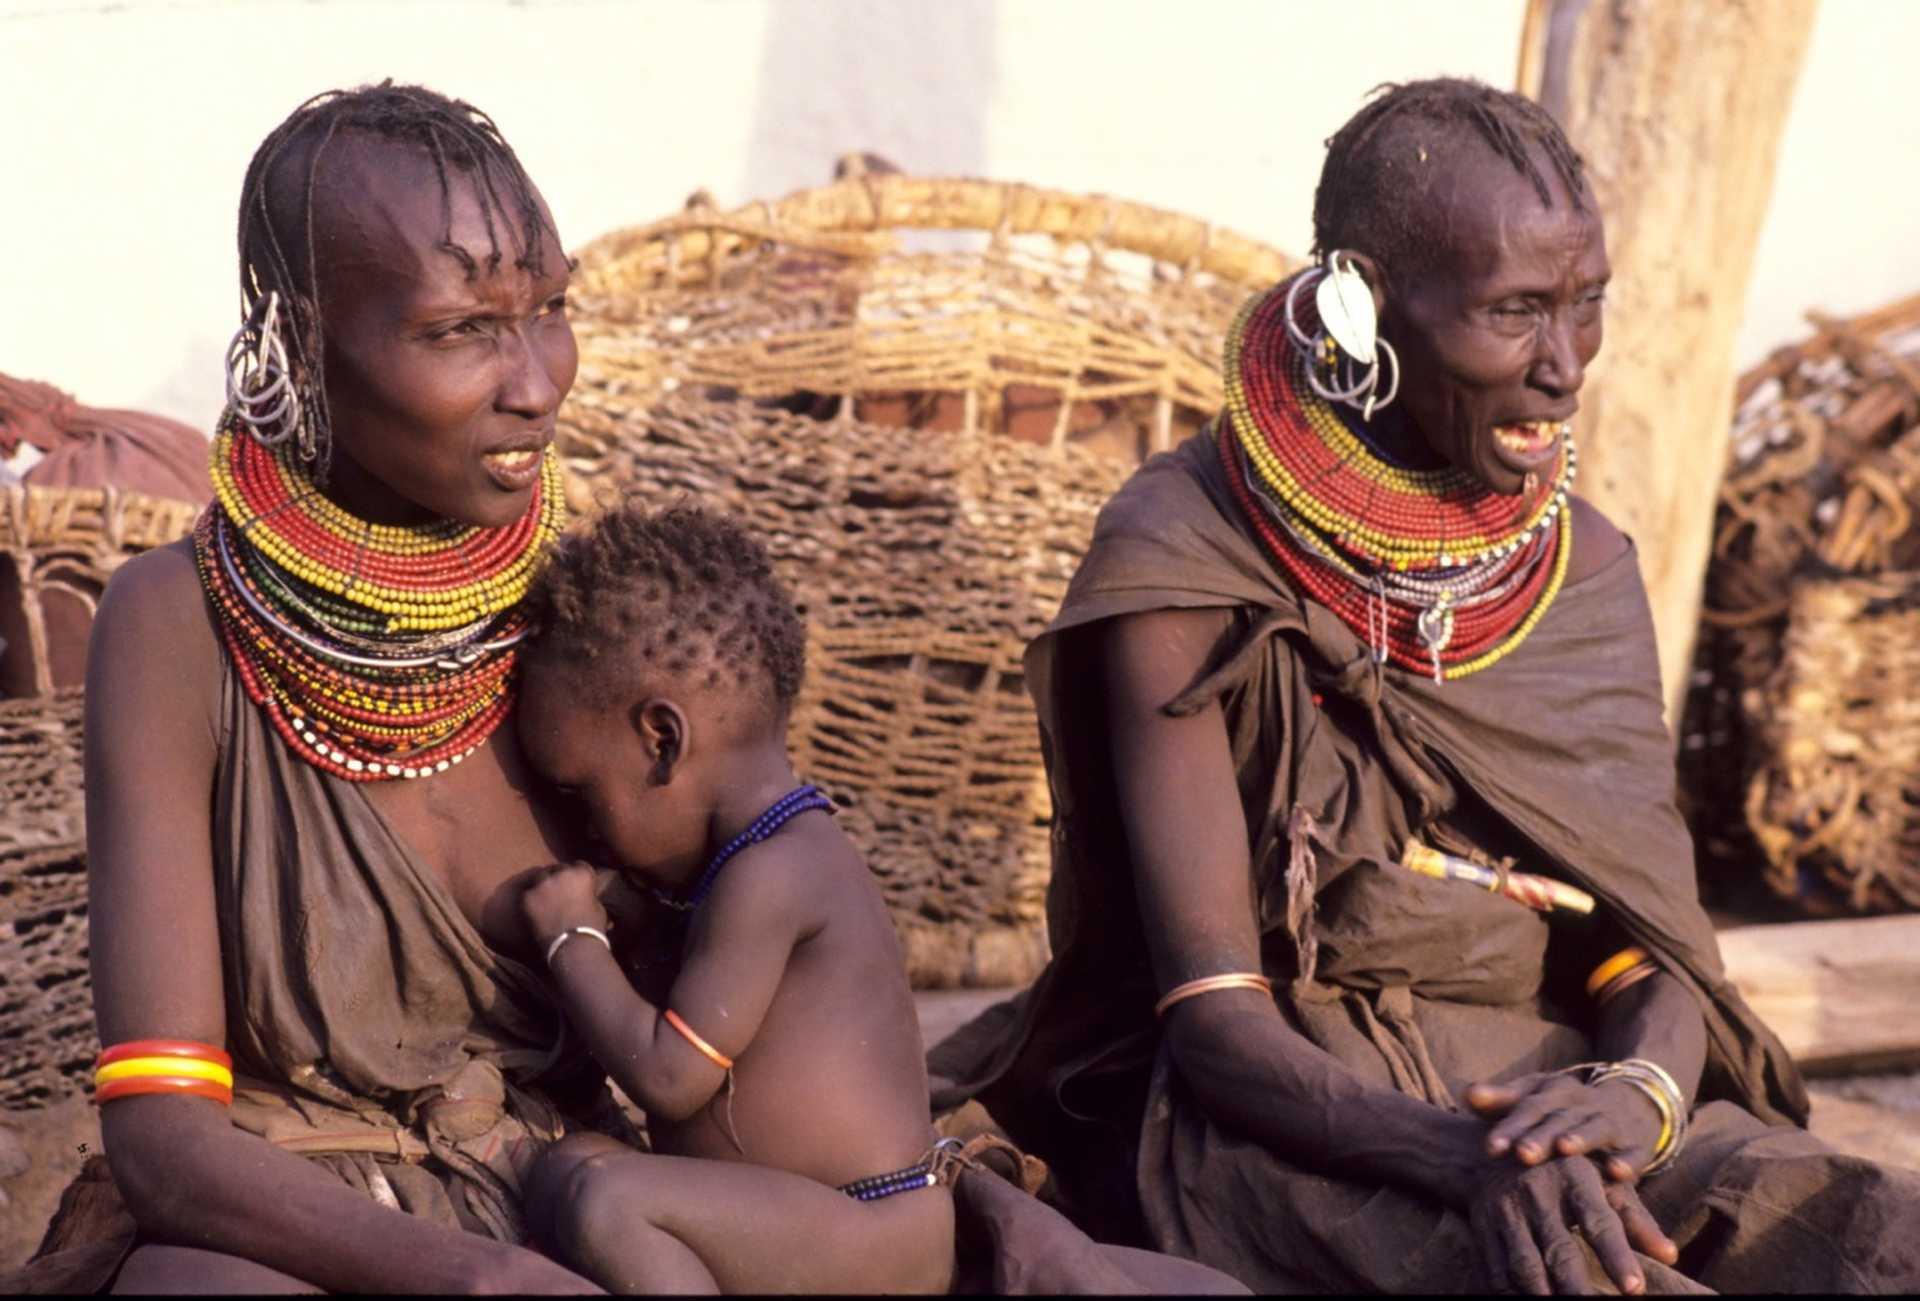 Tribu Nilotique près du Lac Turkana